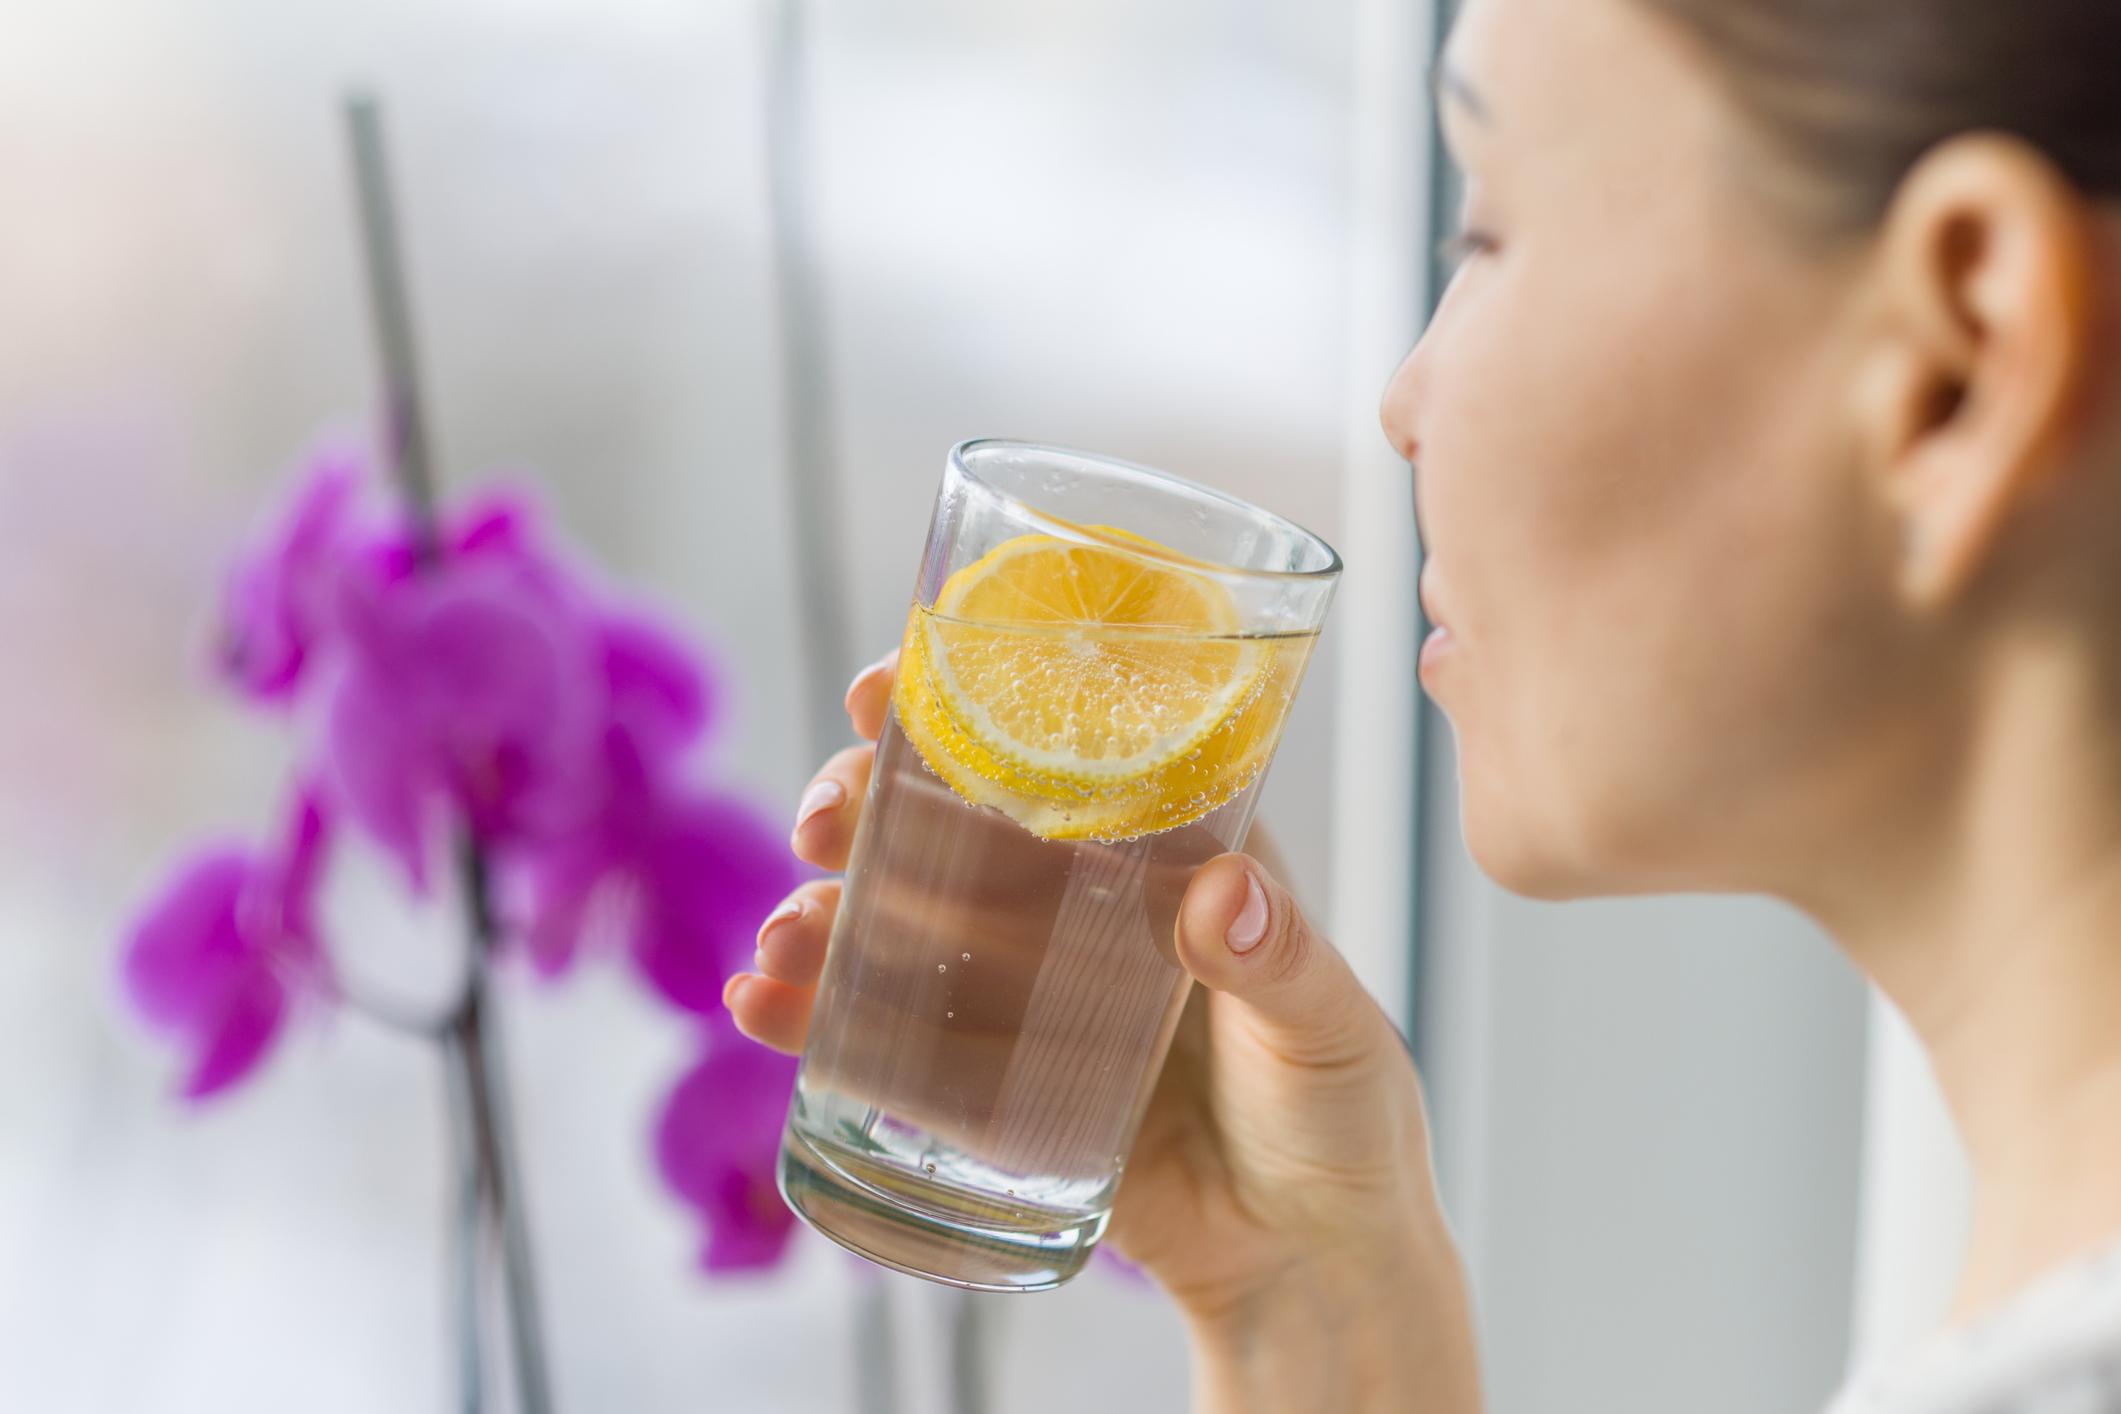 """Мозъкът работи по-добре: Около 75-85% от човешкия мозък е вода. Пиейки само вода всеки ден, ние не само даваме """"гориво"""" на мозъка, но и подобряваме концентрацията си."""